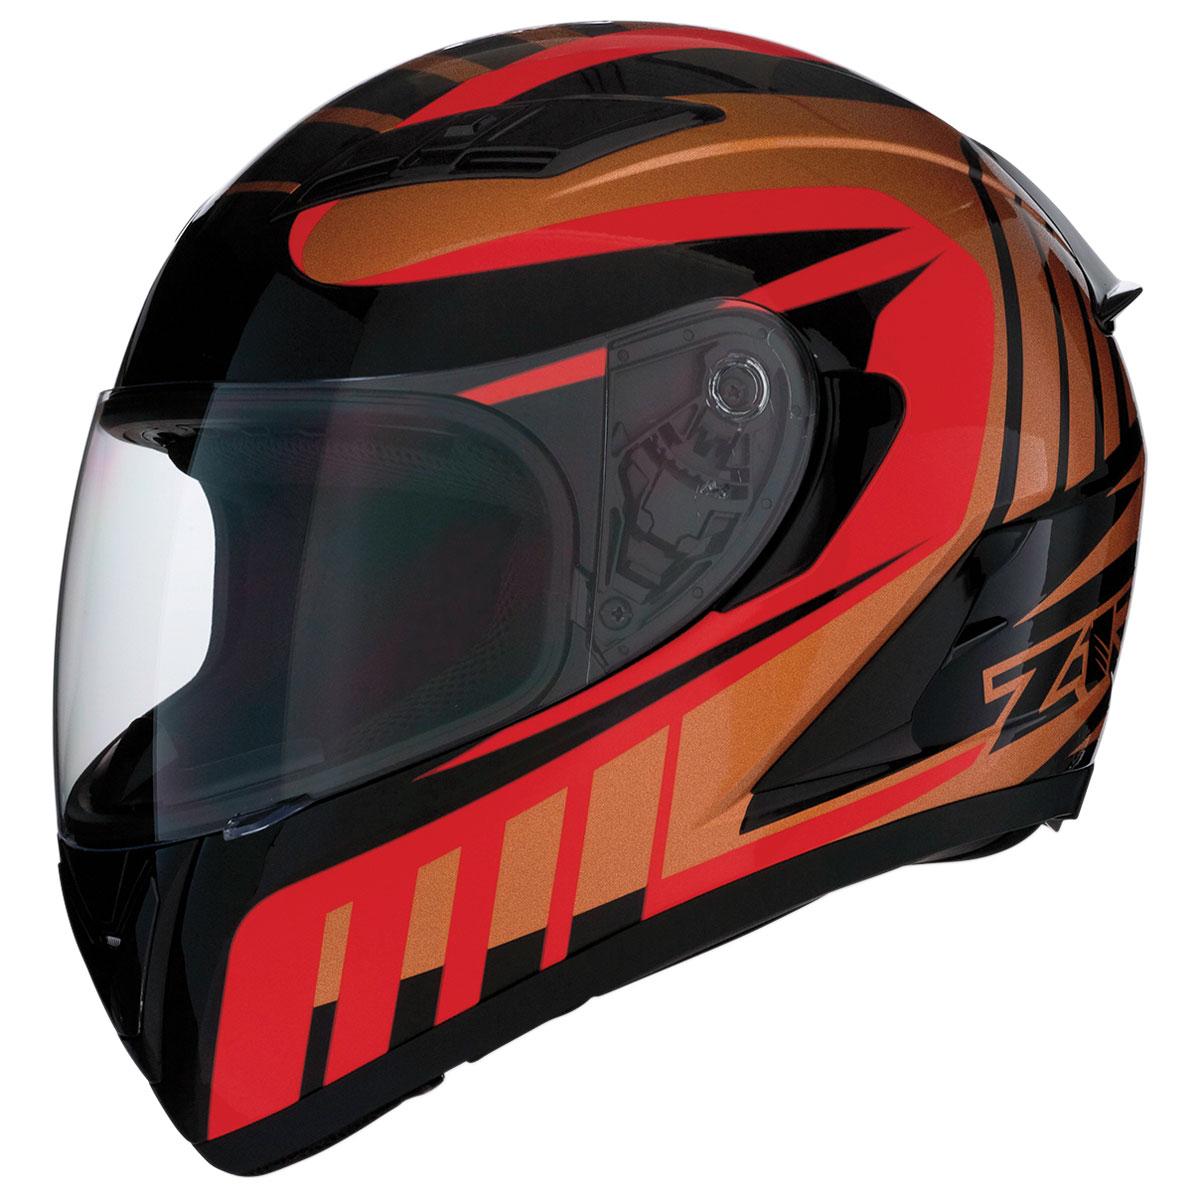 Z1R Strike Ops Attack Red/Bronze Full Face Helmet